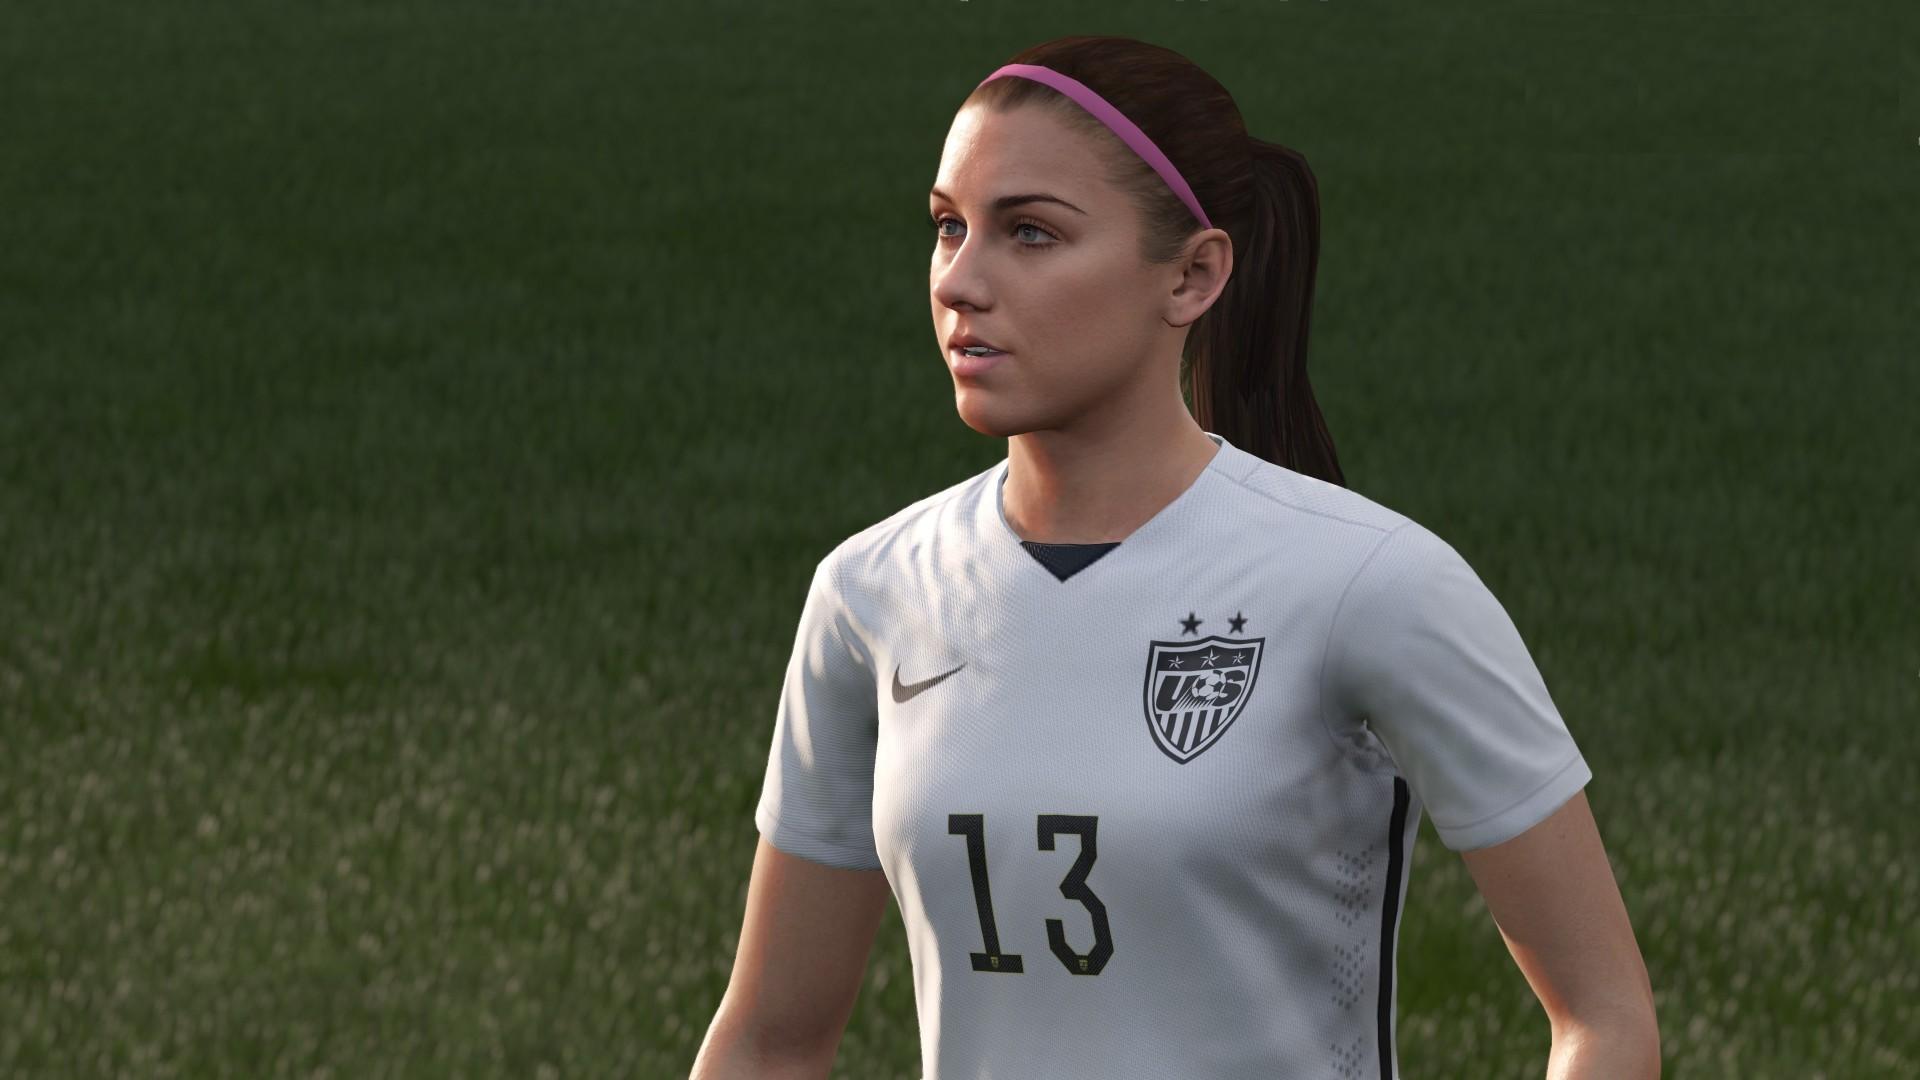 В FIFA 22 можно будет создавать девушекфутболистов и играть за них в матчах против мужчин